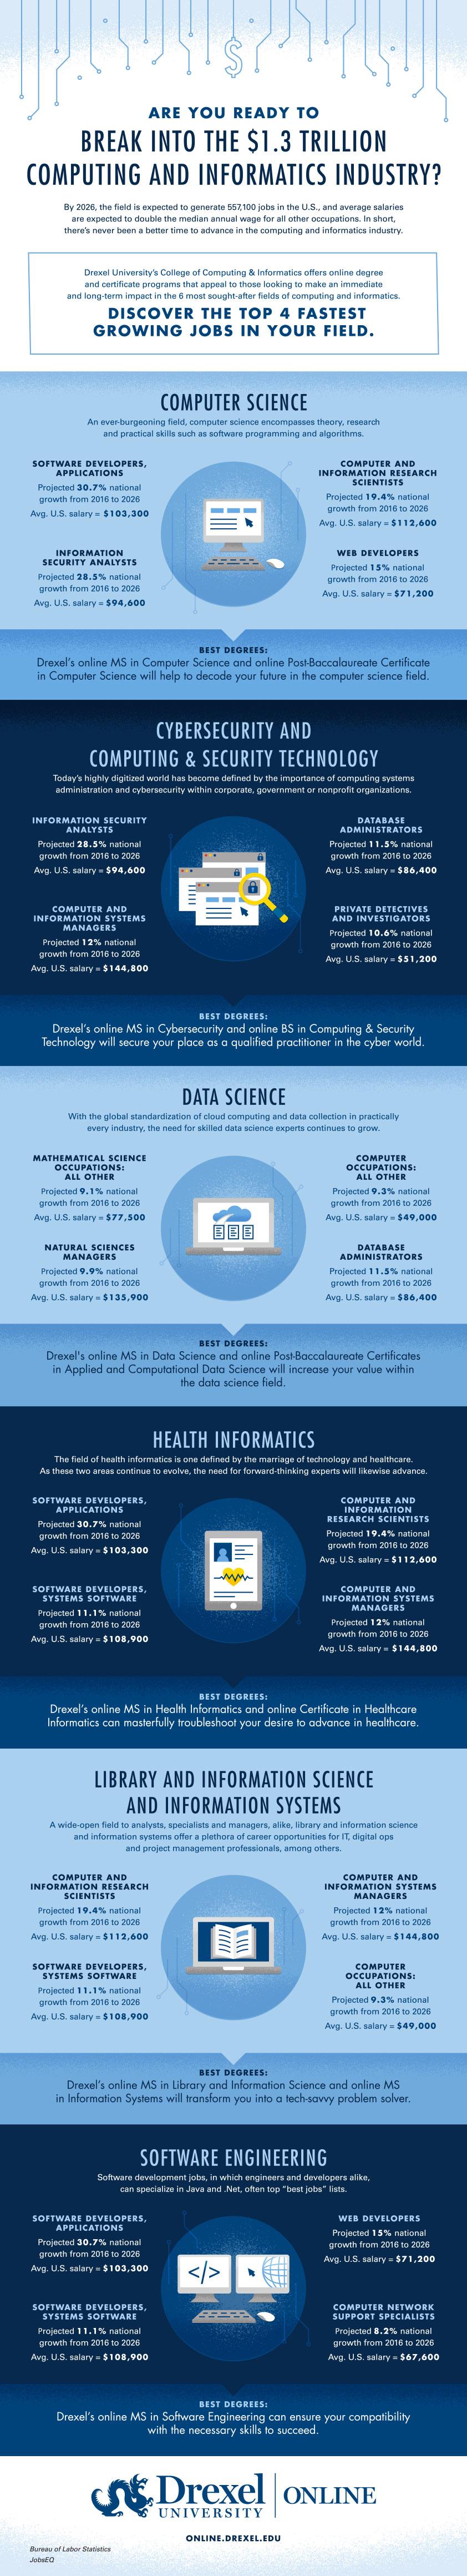 Online Master S In Health Informatics Drexel Online